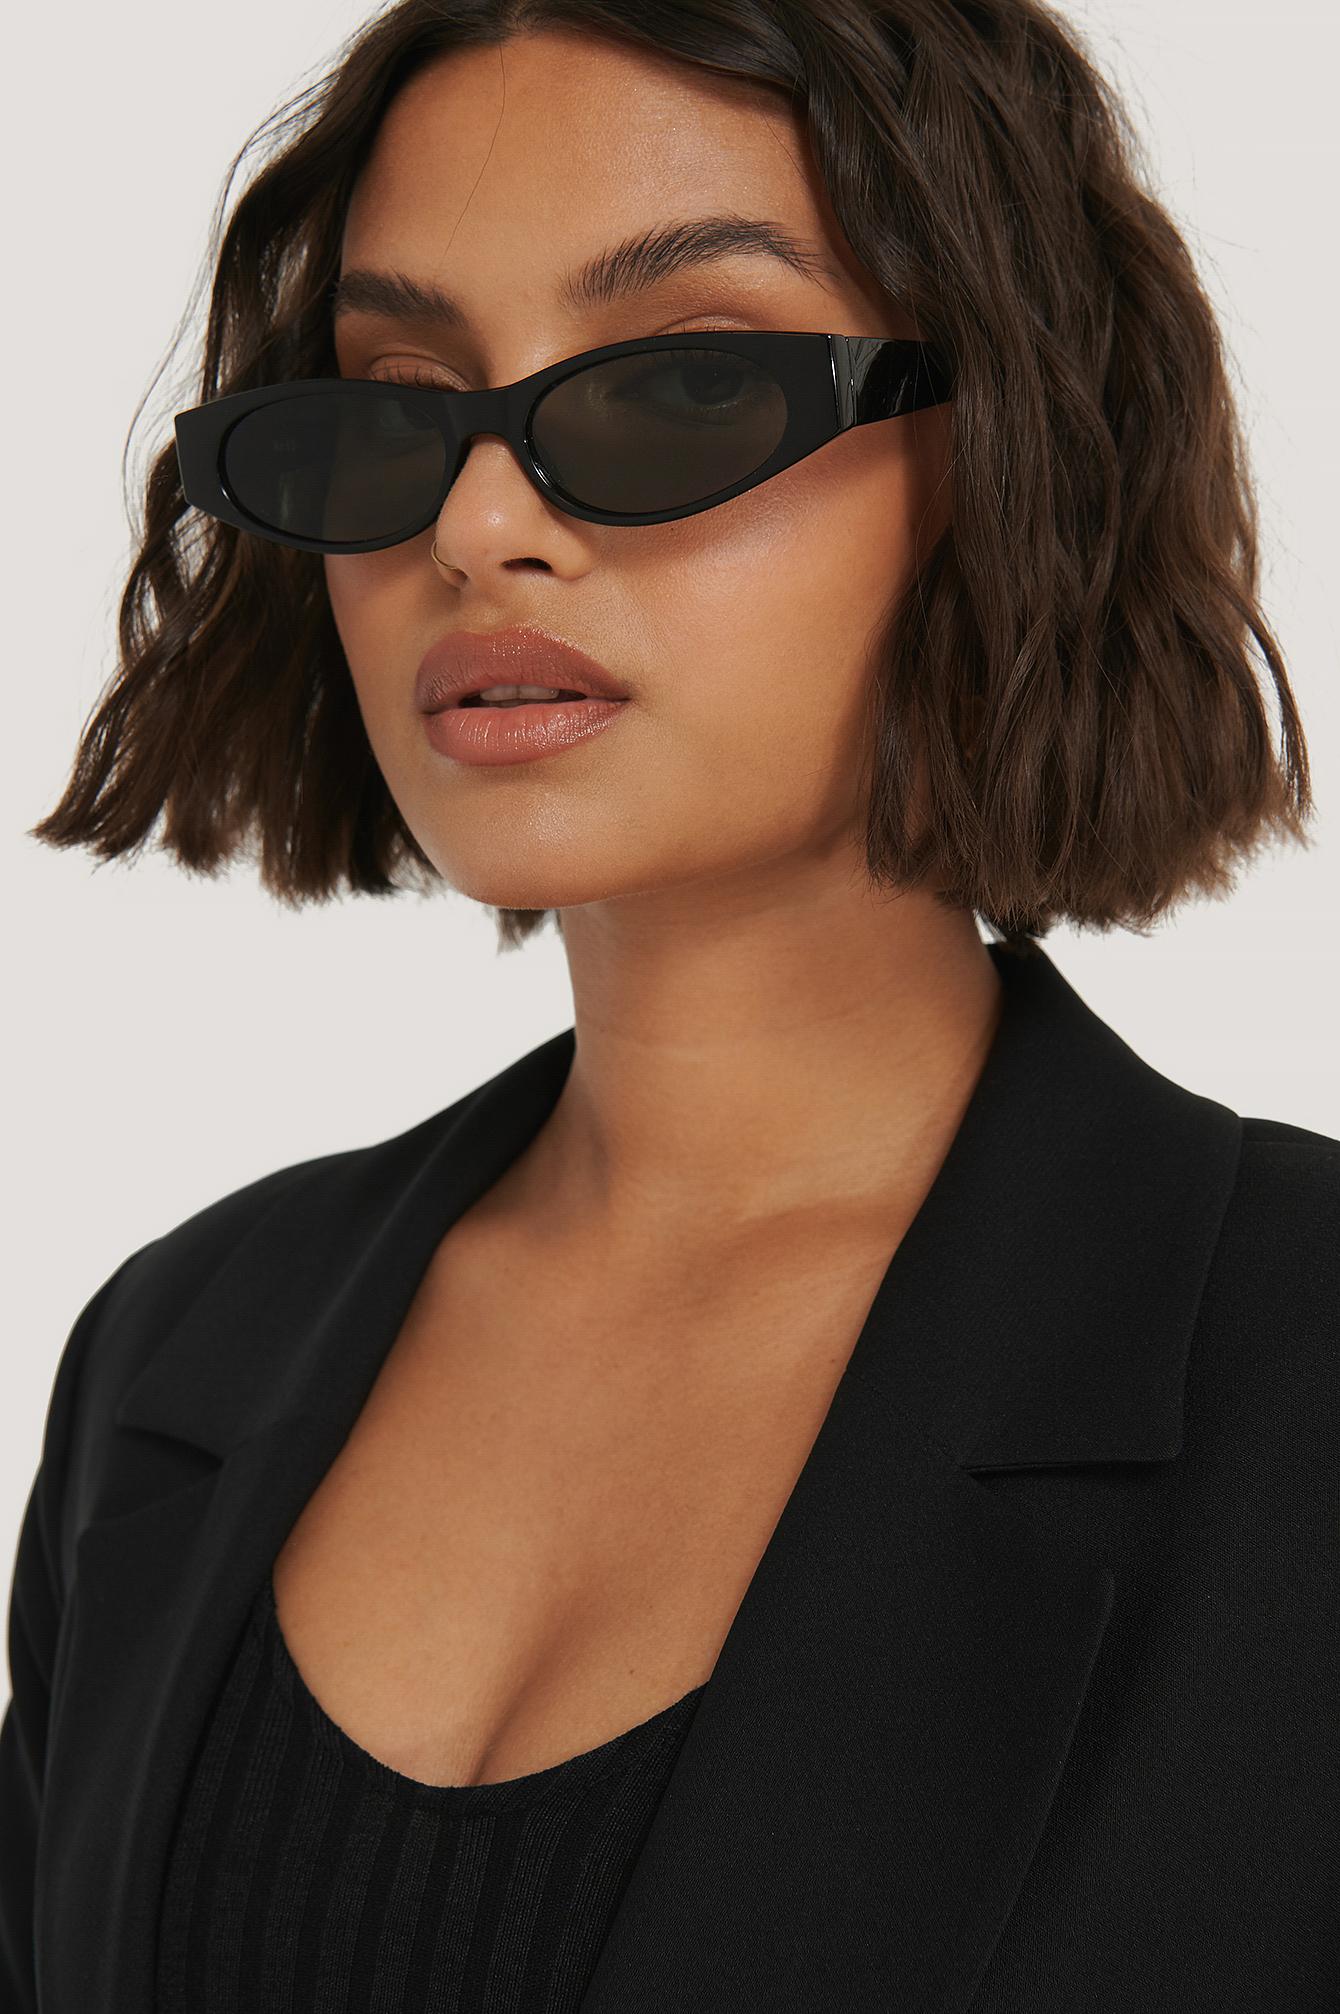 na-kd accessories -  Schmale Sonnenbrille Mit Scharfen Kanten - Black